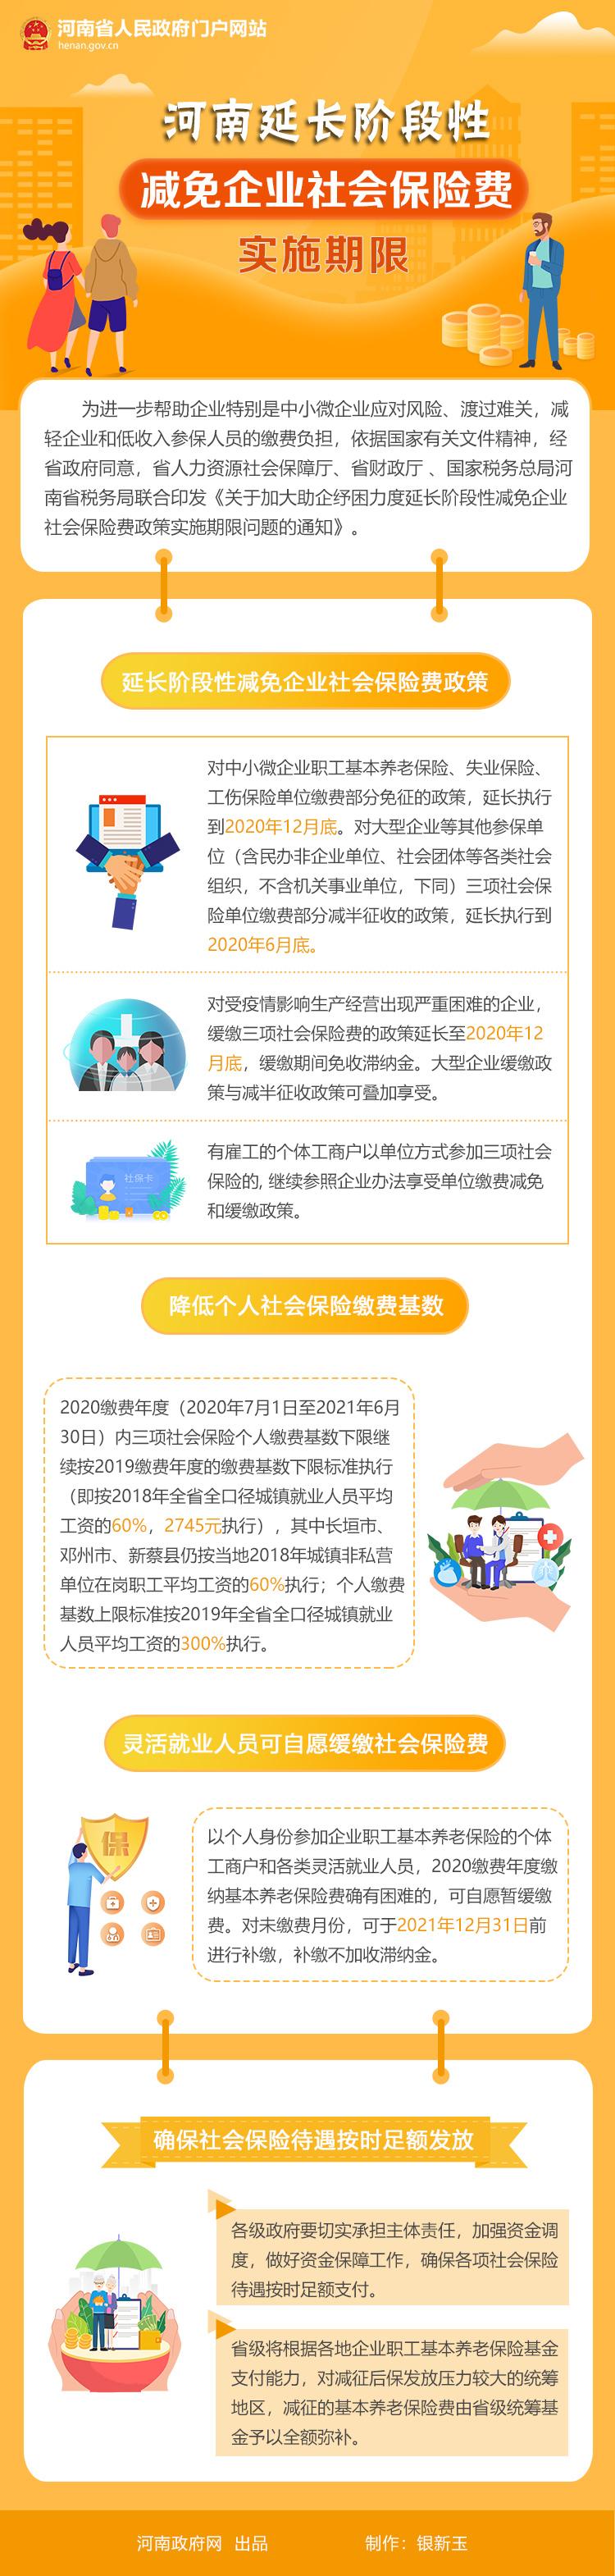 图解:河南延长阶段性减免企业社会保险费实施期限